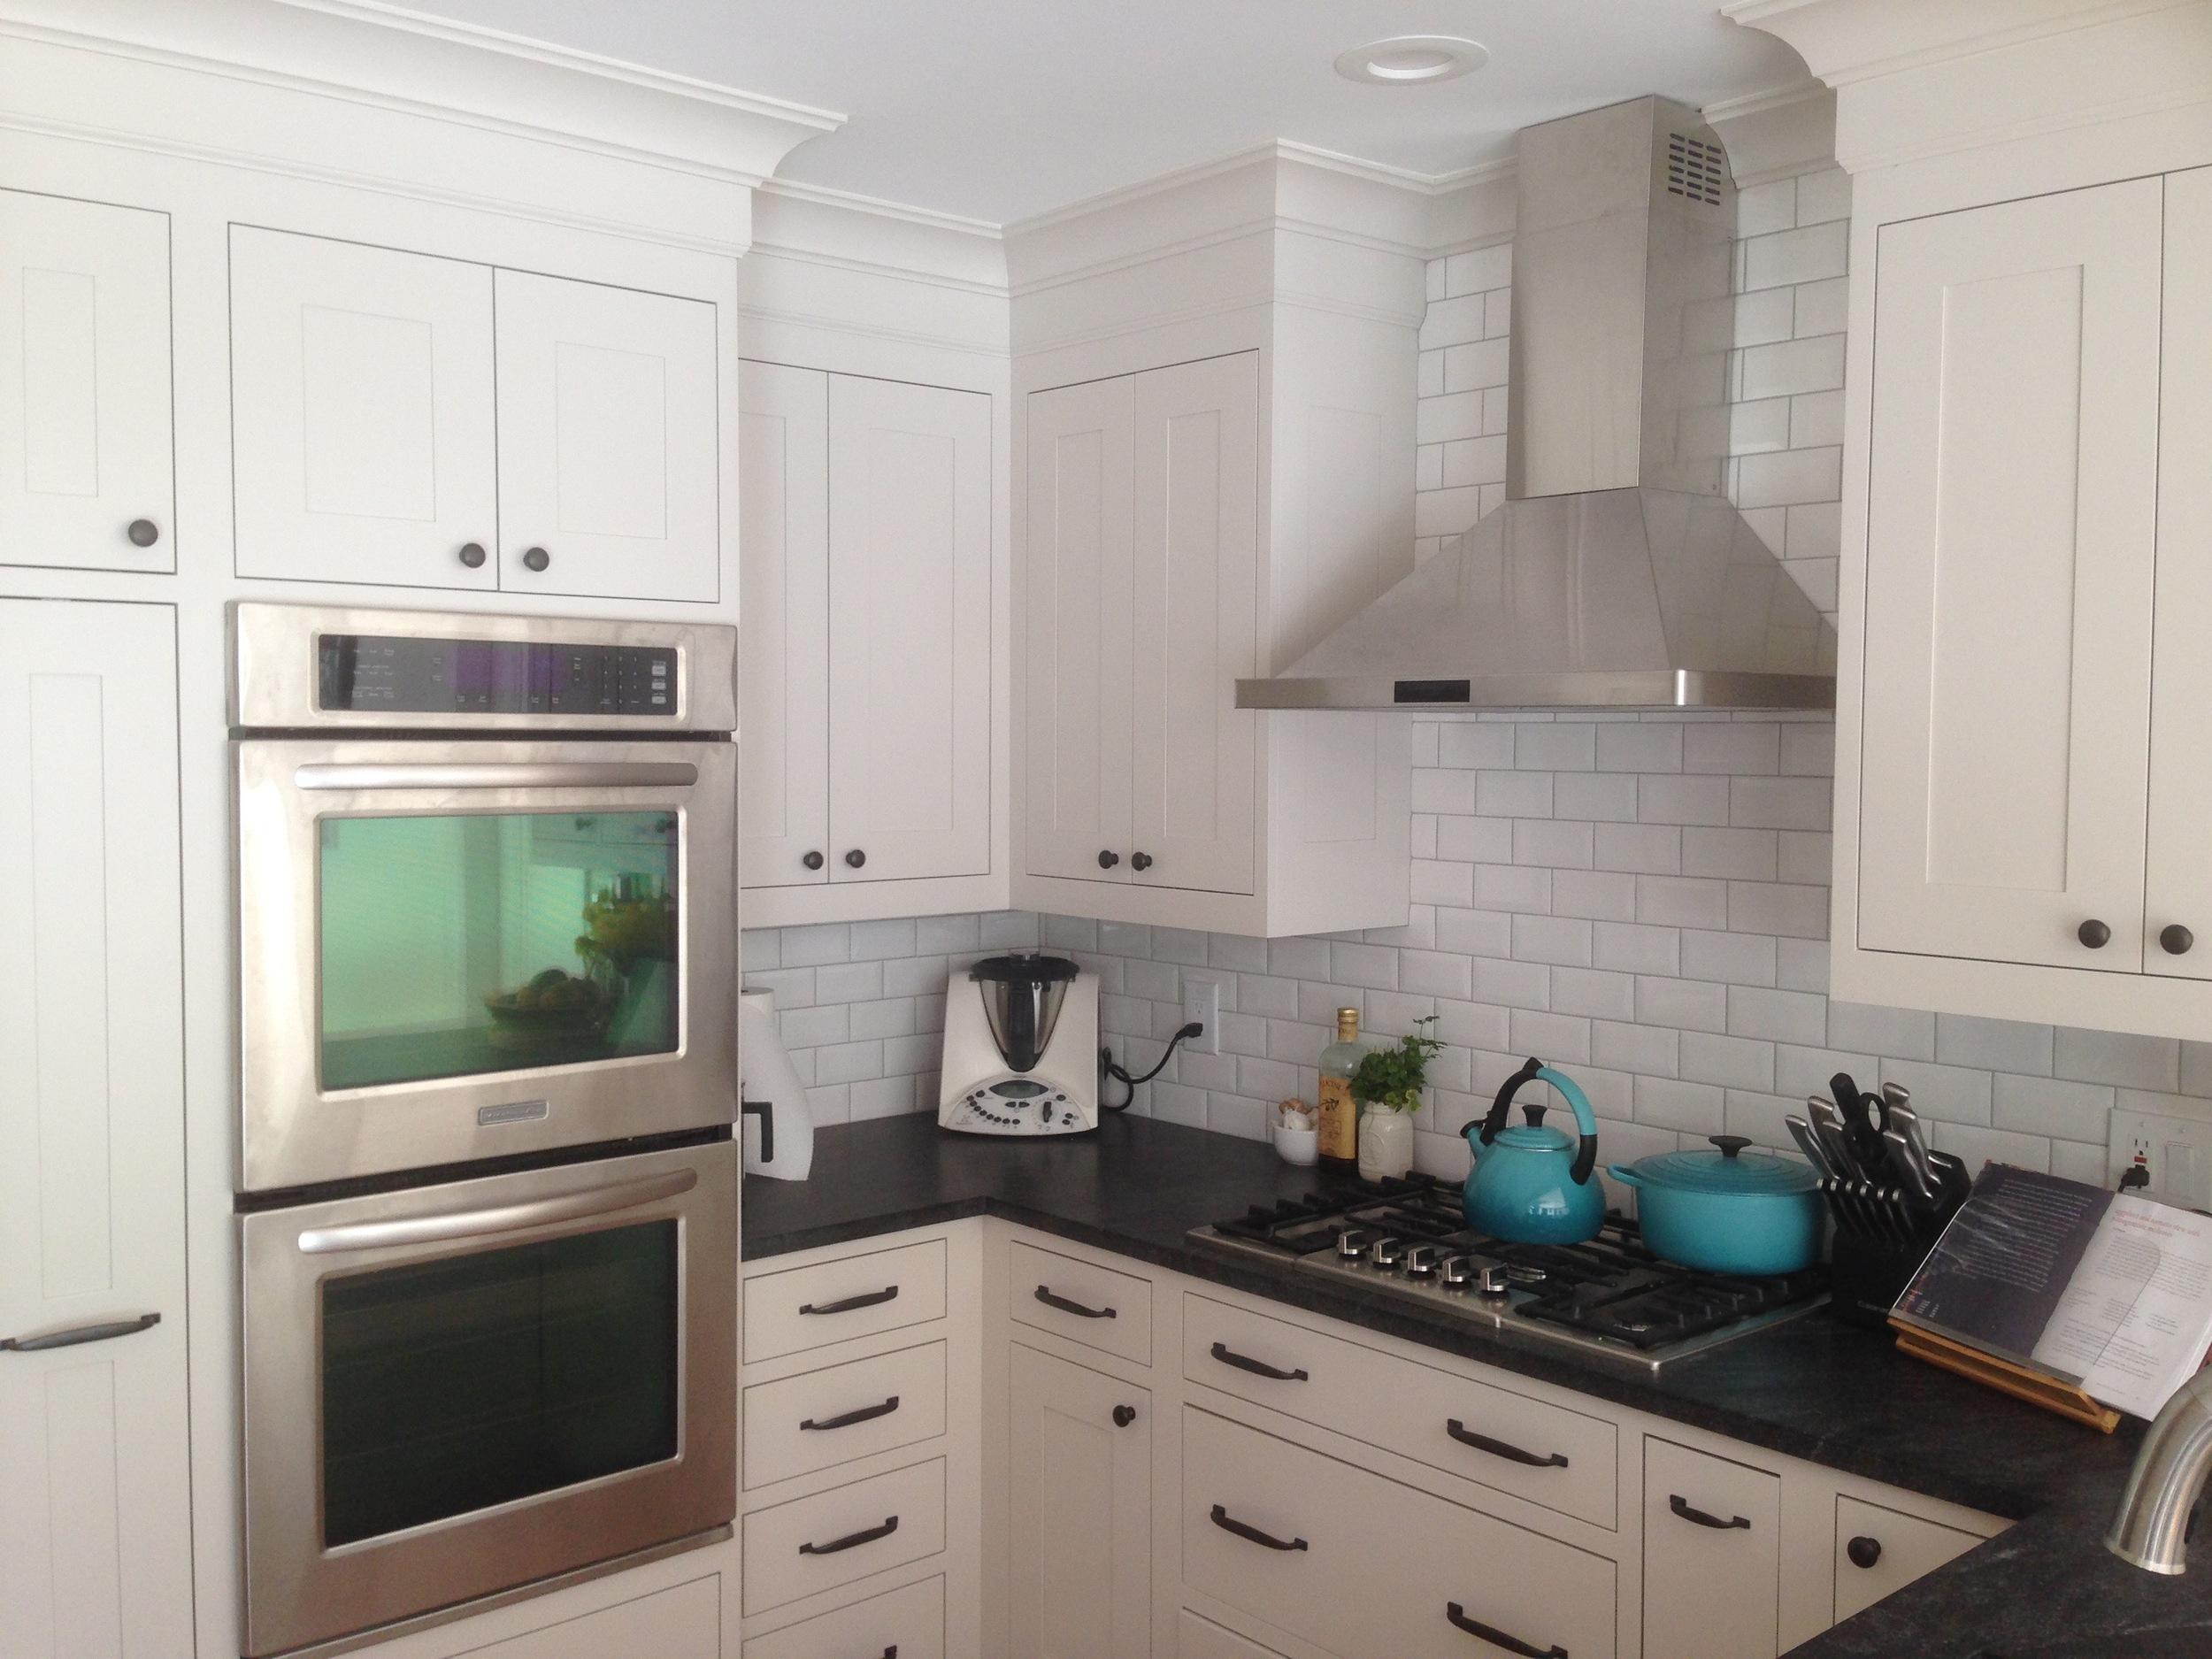 fab kitchen.jpg